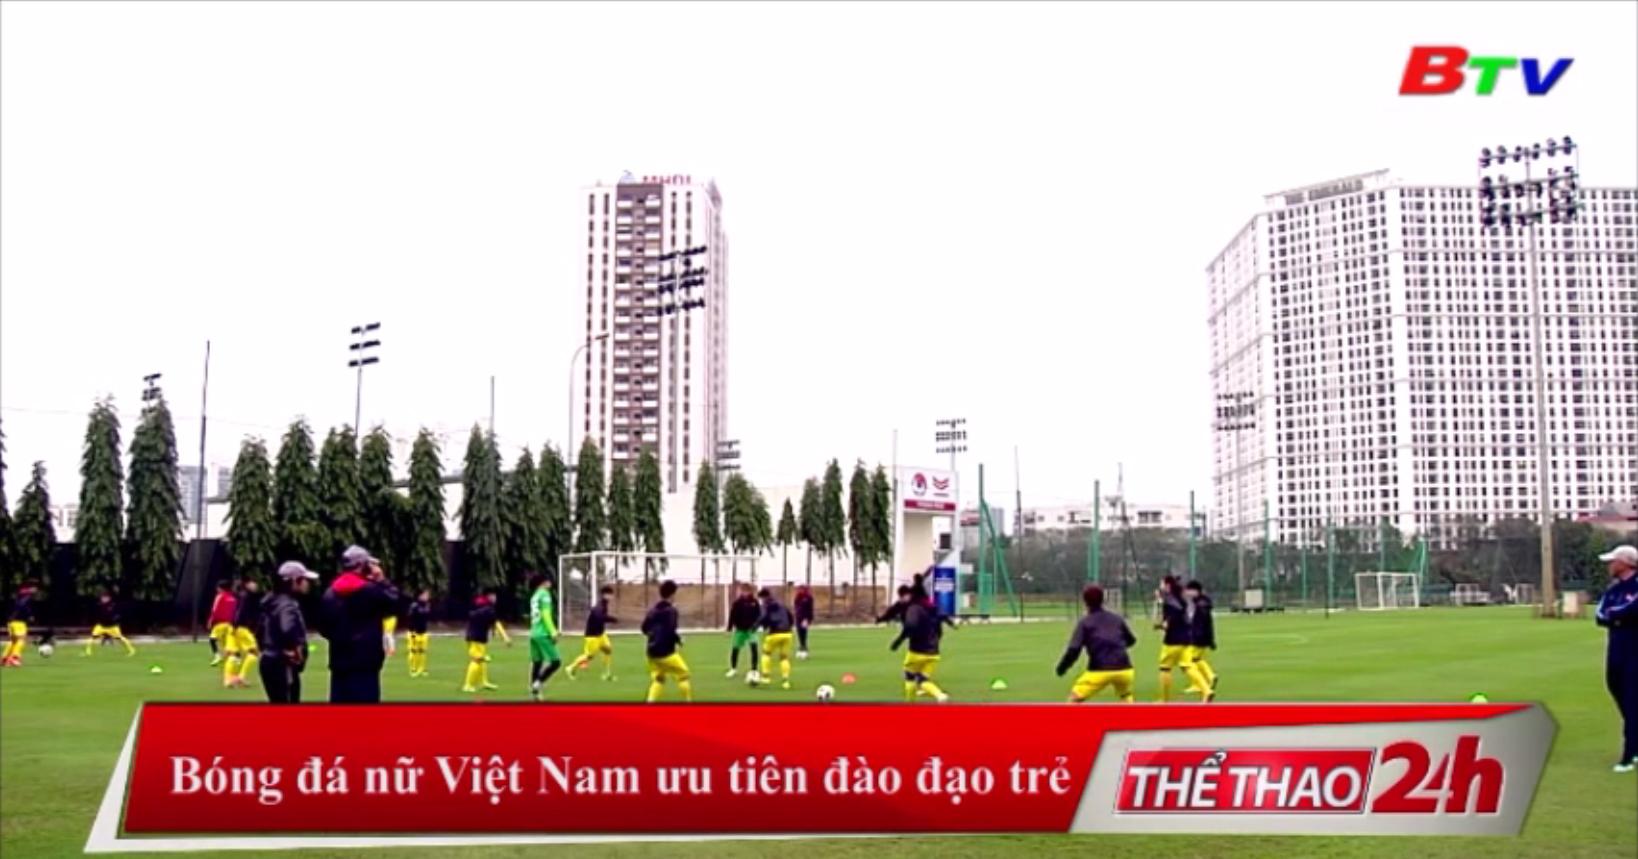 Bóng đá nữ Việt Nam ưu tiên đào tạo trẻ